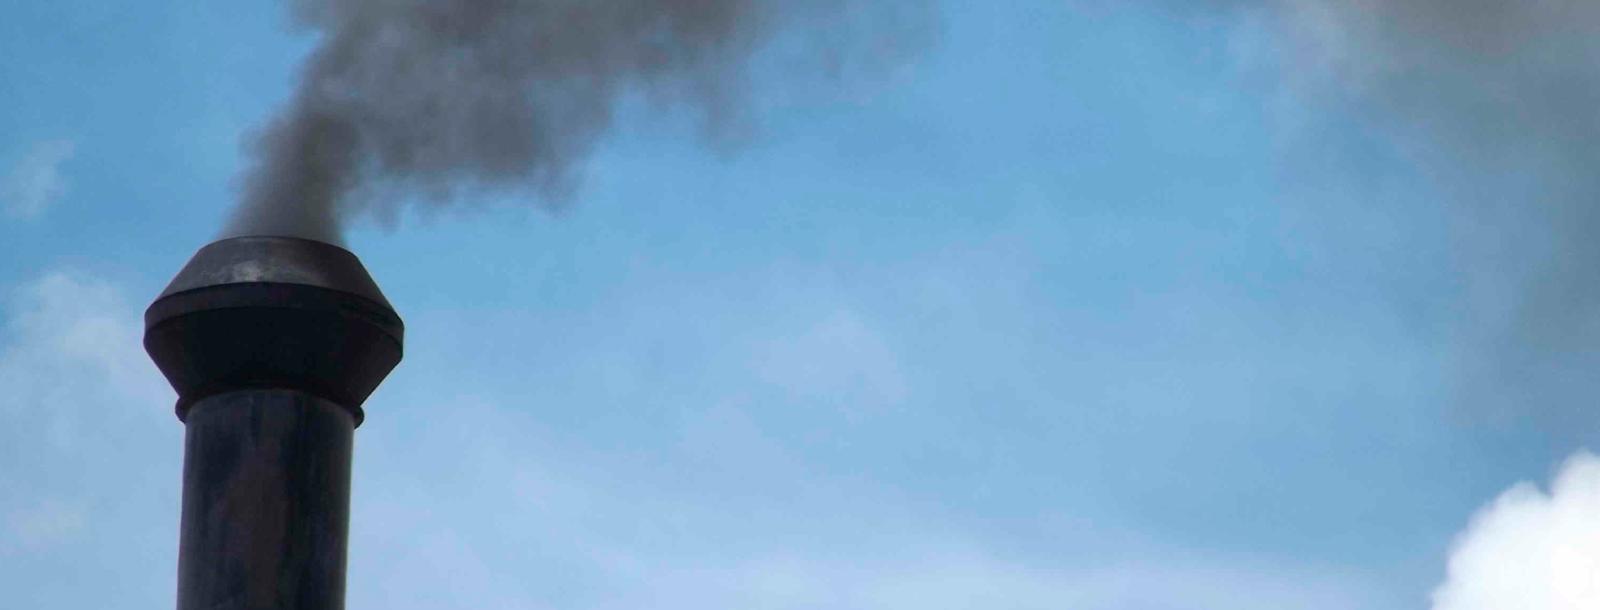 Puro Pellet: En un nuevo aniversario del Plan de Descontaminación atmosférica en el Maule, las alarmas se encienden nuevamente